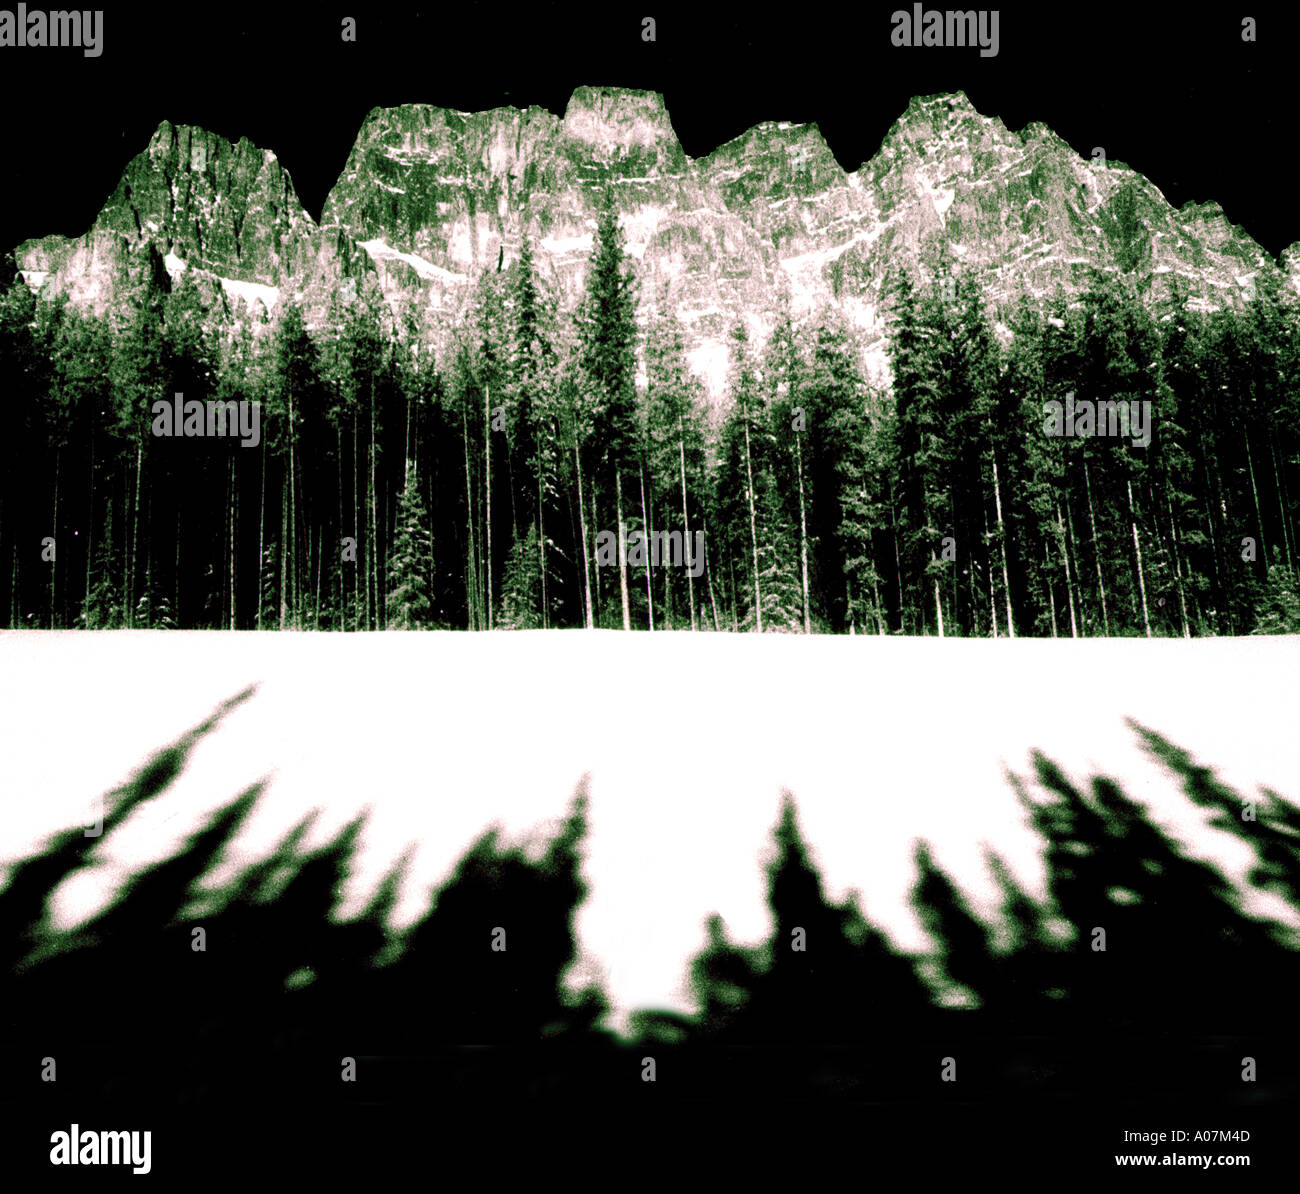 Desafío, el tamaño horizontal, al aire libre, en blanco y negro, Francia, Árbol, Día, Nieve, dunas de arena, Haute-Savoie, aisladas de personas. Imagen De Stock